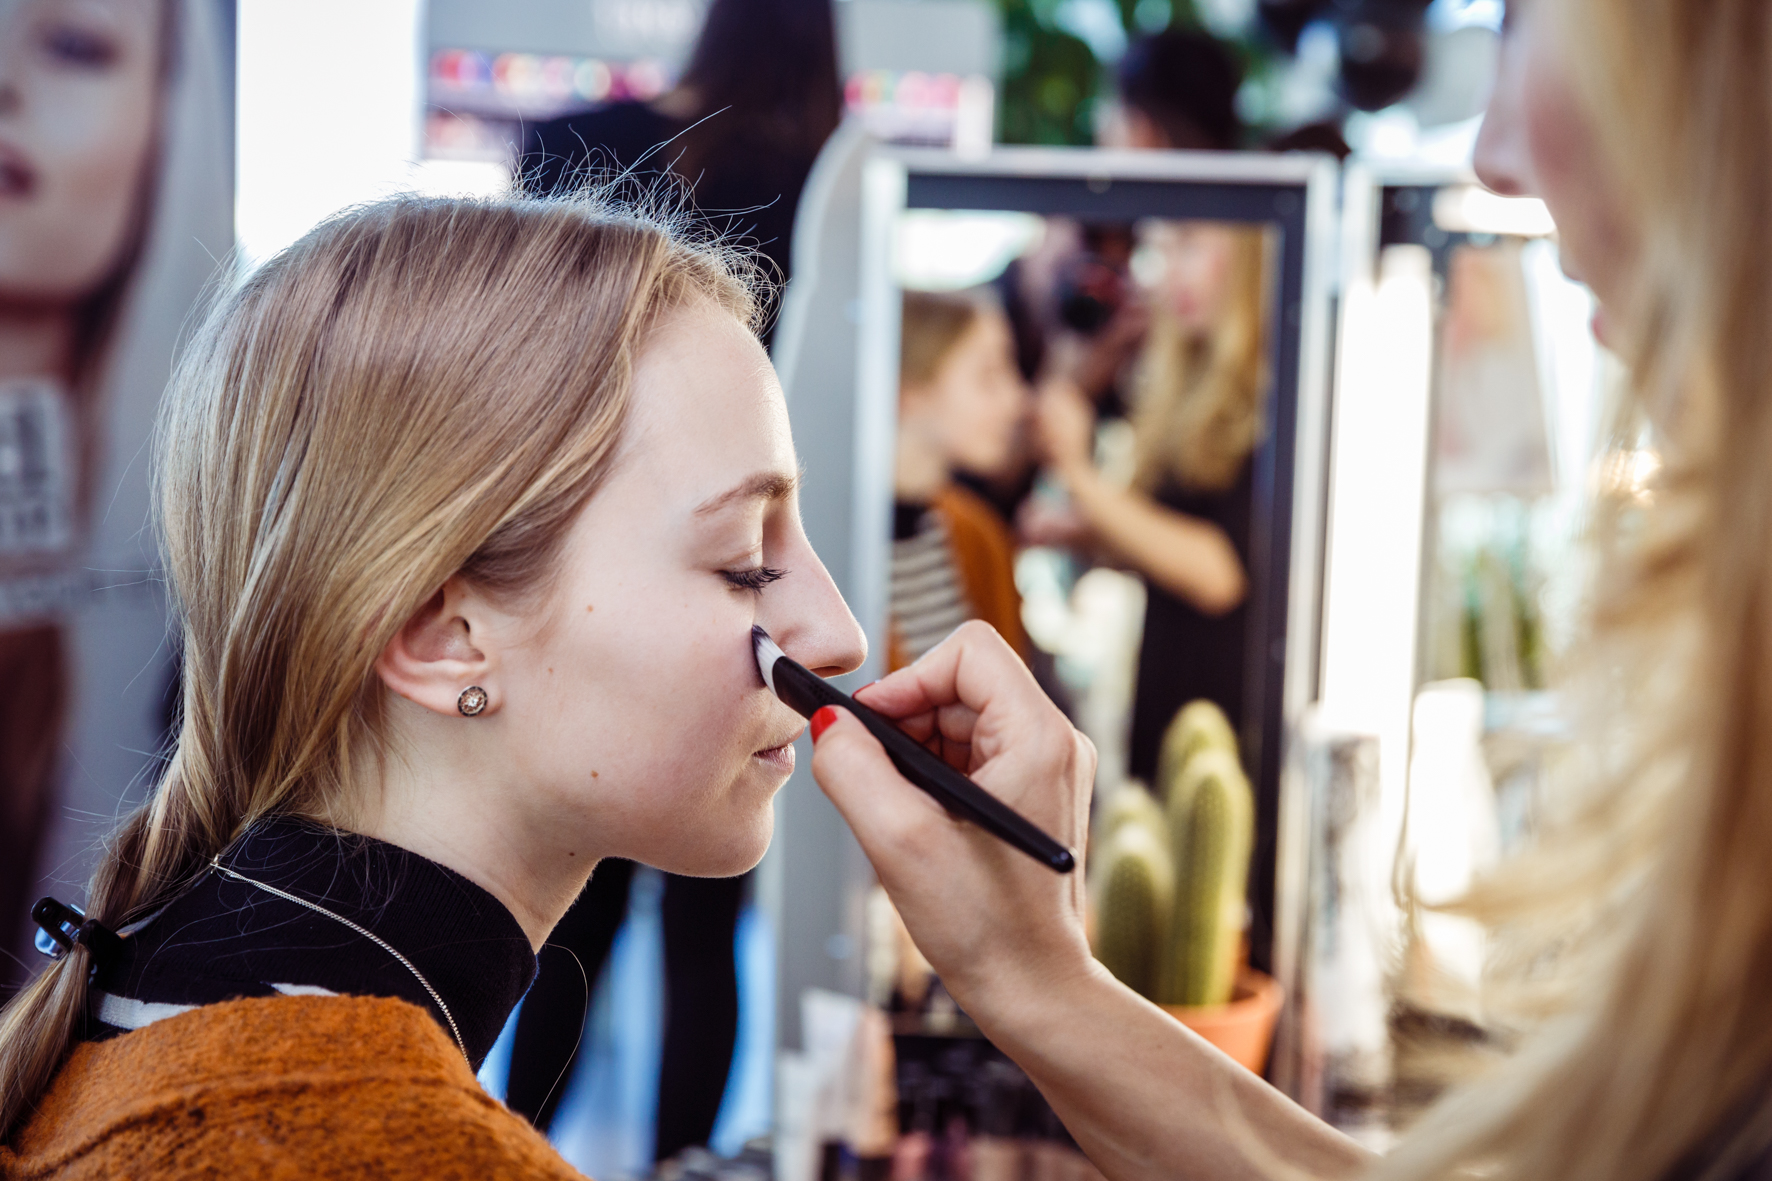 dm-trend-it-up-neuheiten-beauty-make-up-muc_166